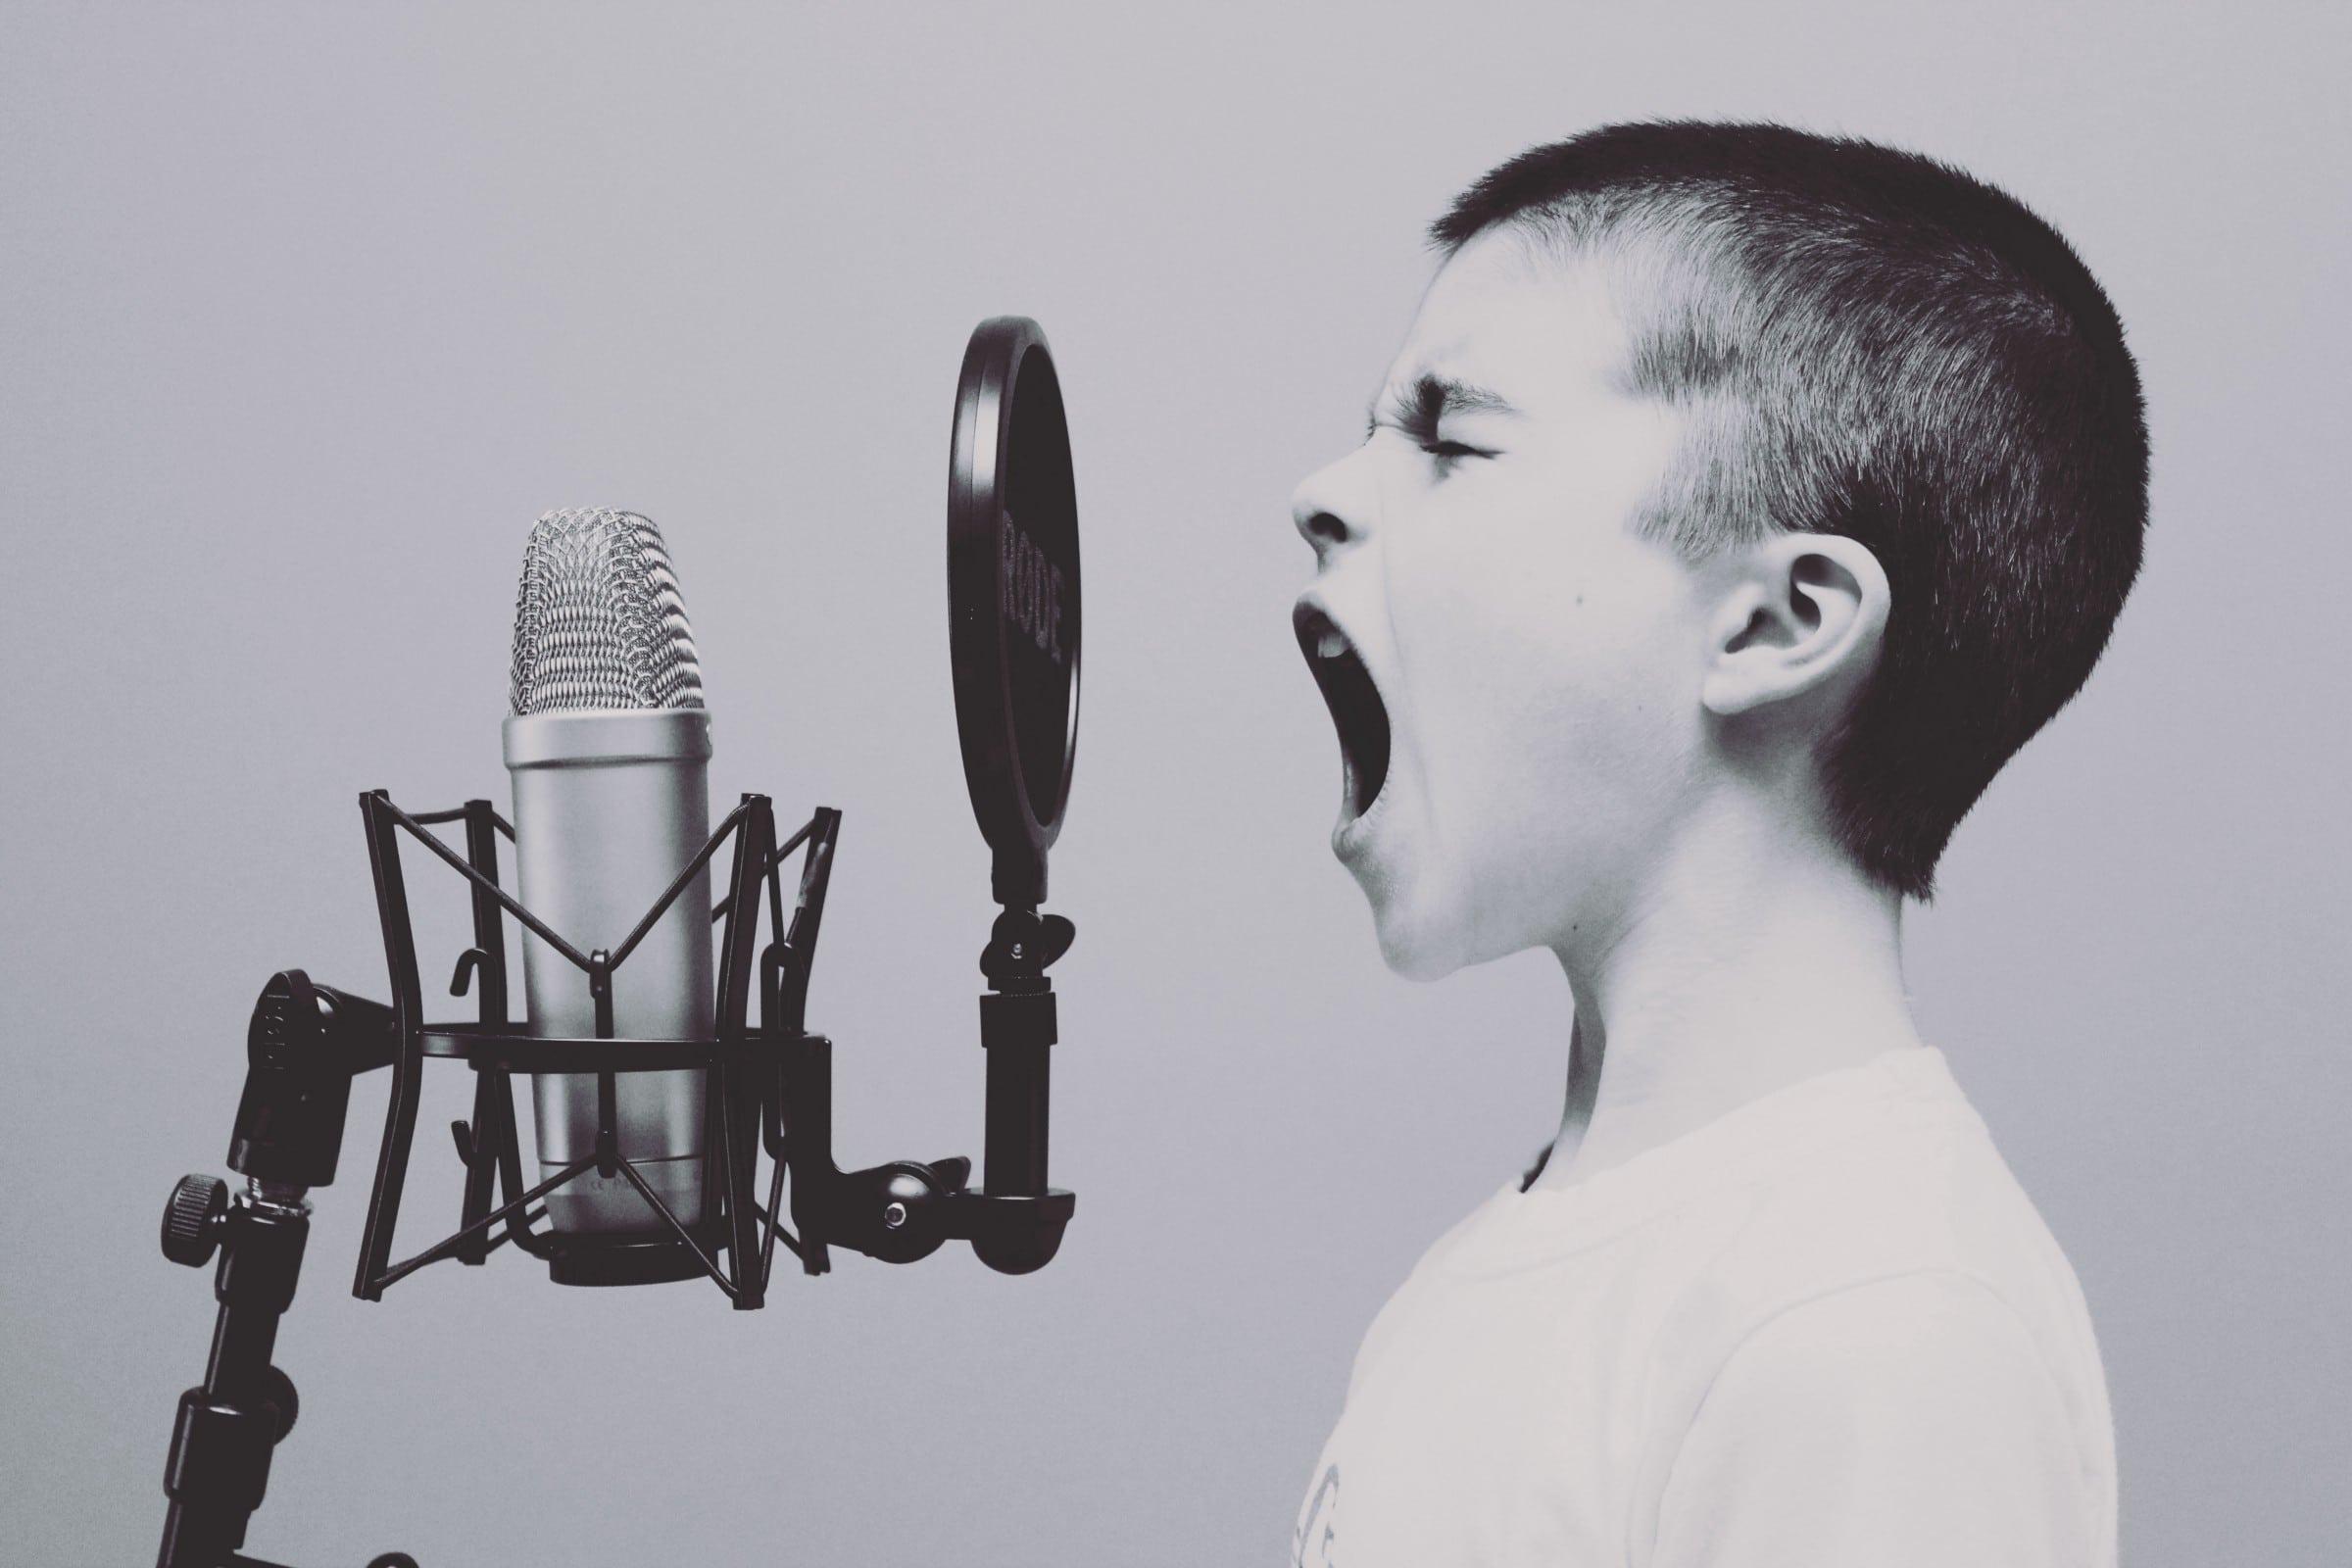 menino grita no microfone